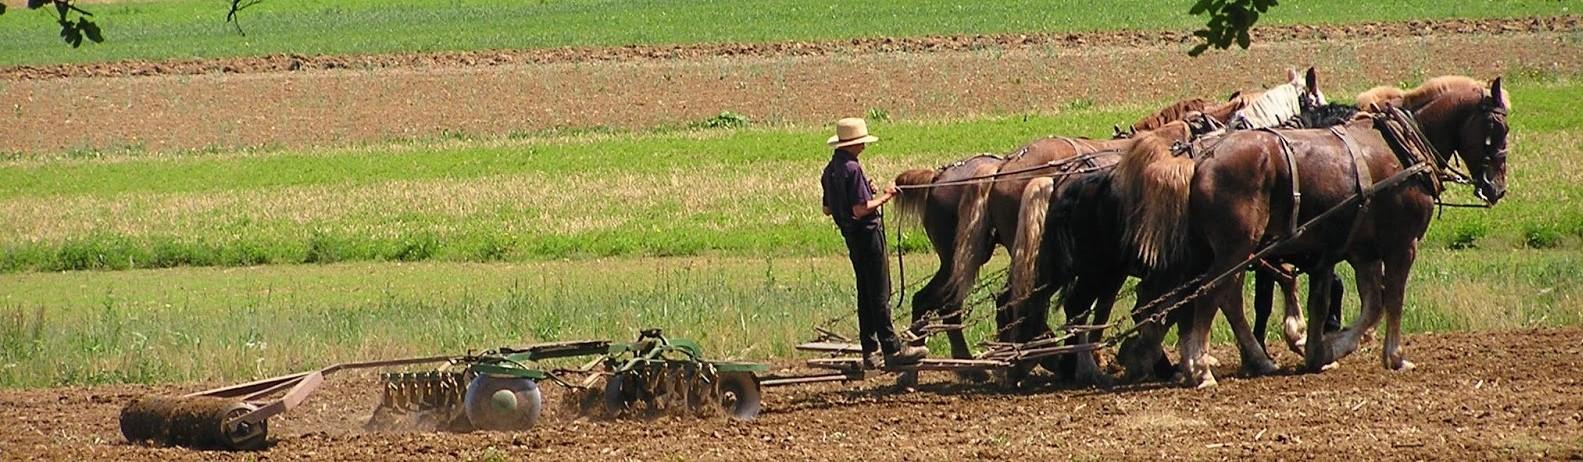 New York, Washington & Amish, Fra verdens førende metropoler til 1700-tals landbrug hos Amish folket på få 100 kilometer